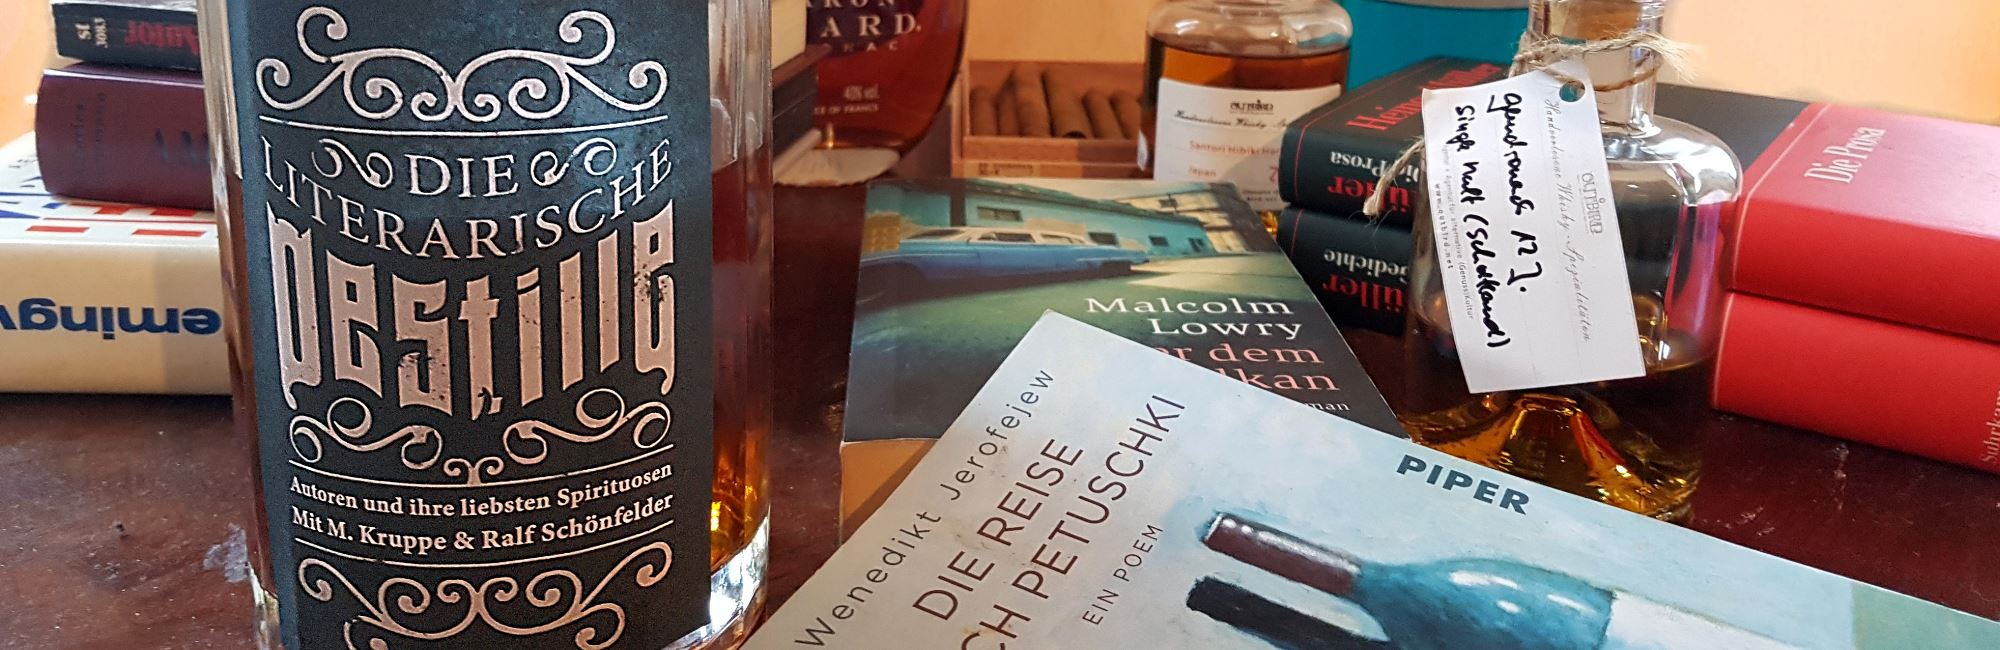 Die literarische Destille